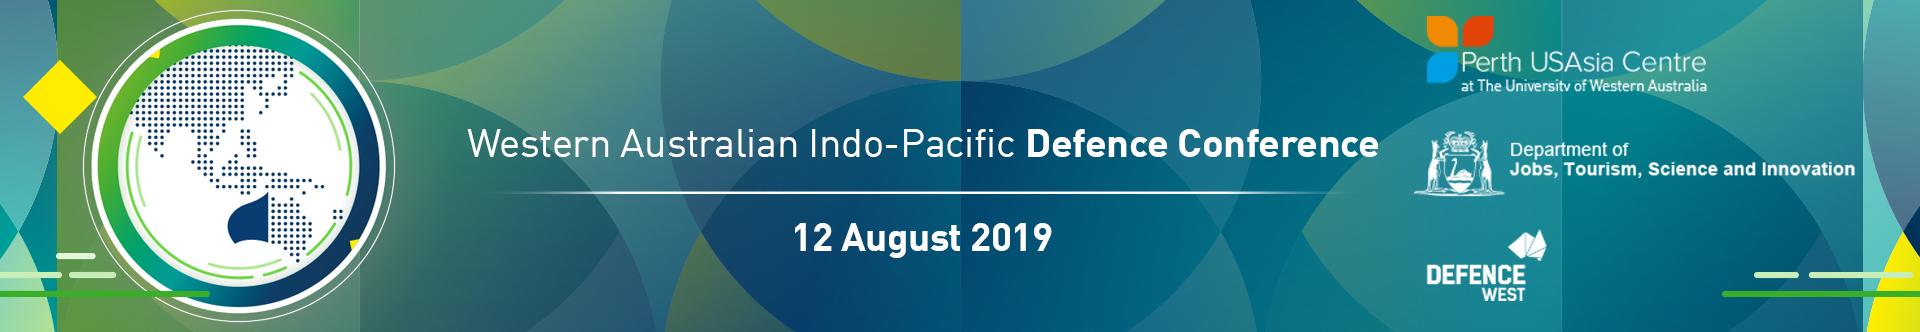 Perth USAsia - WA Indo-Pacific Defence Conference 2019